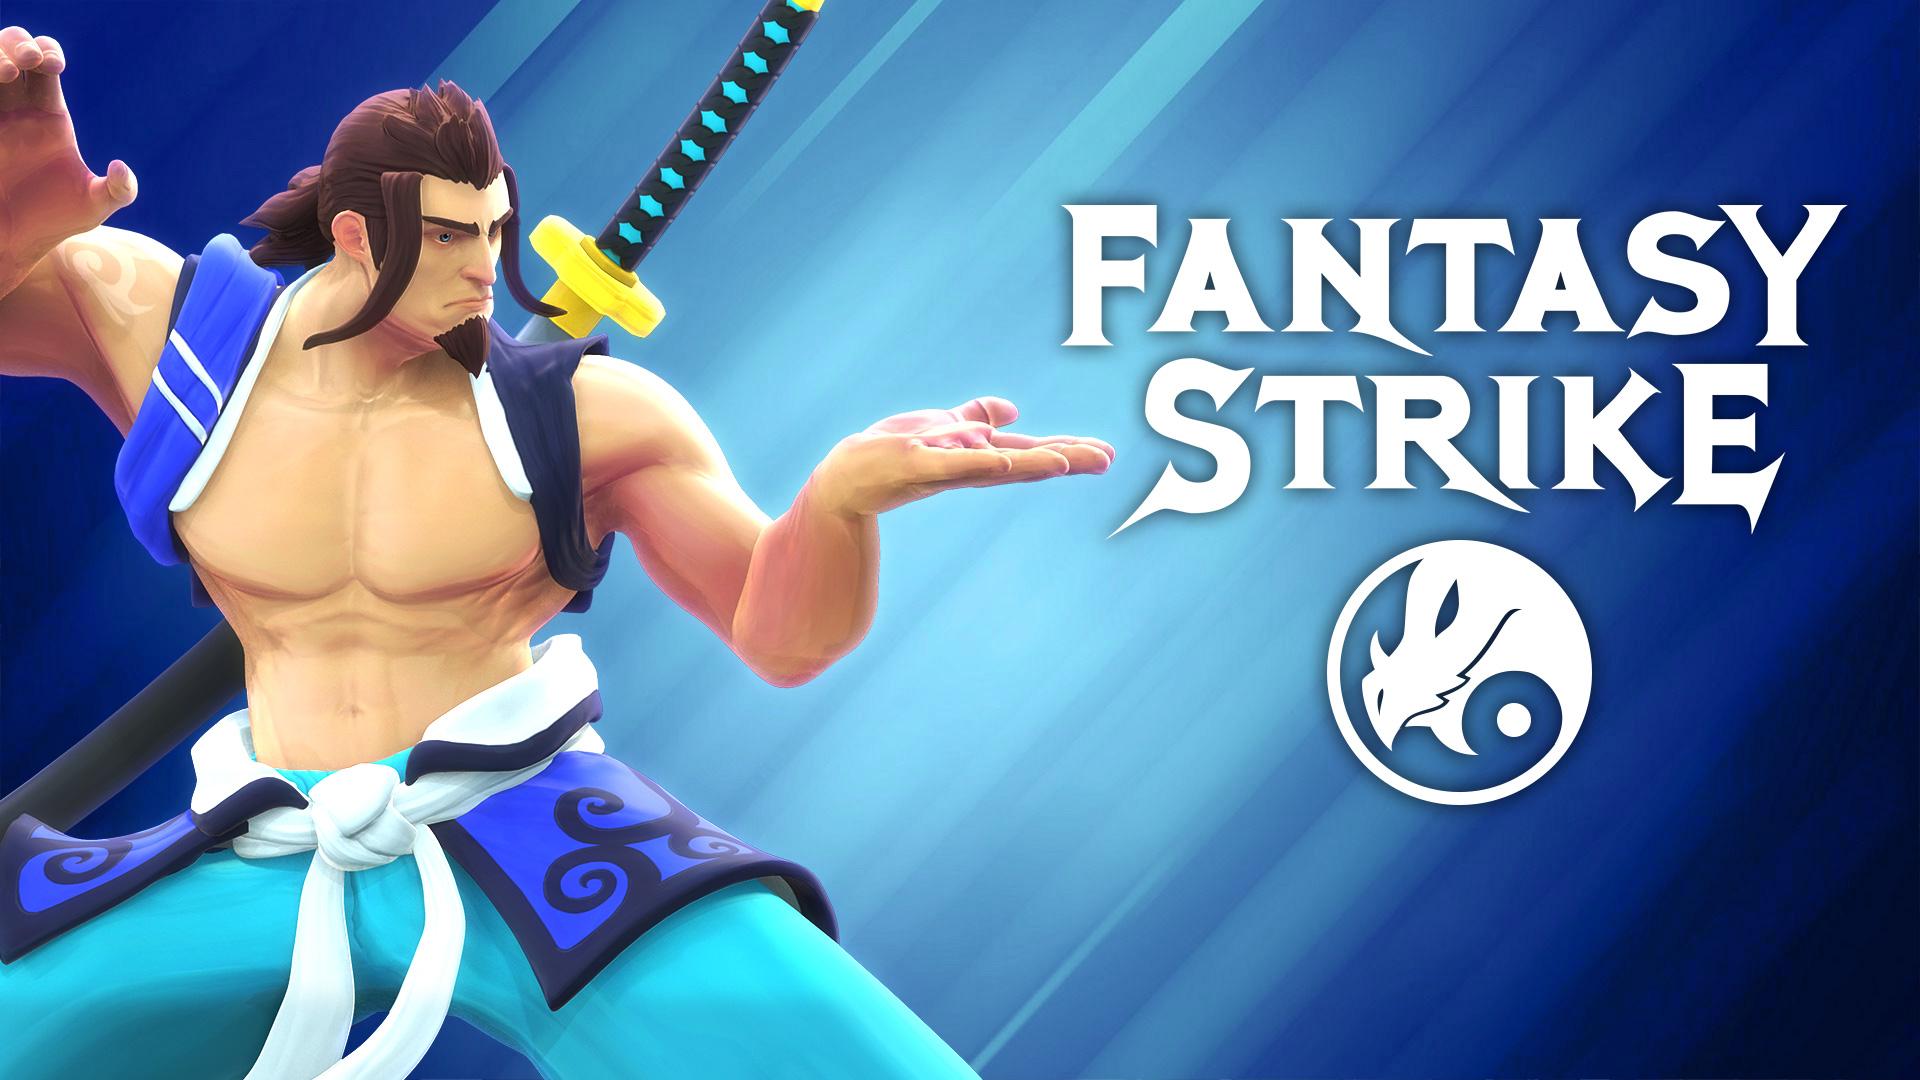 FantasyStrike_splash_grave.jpg